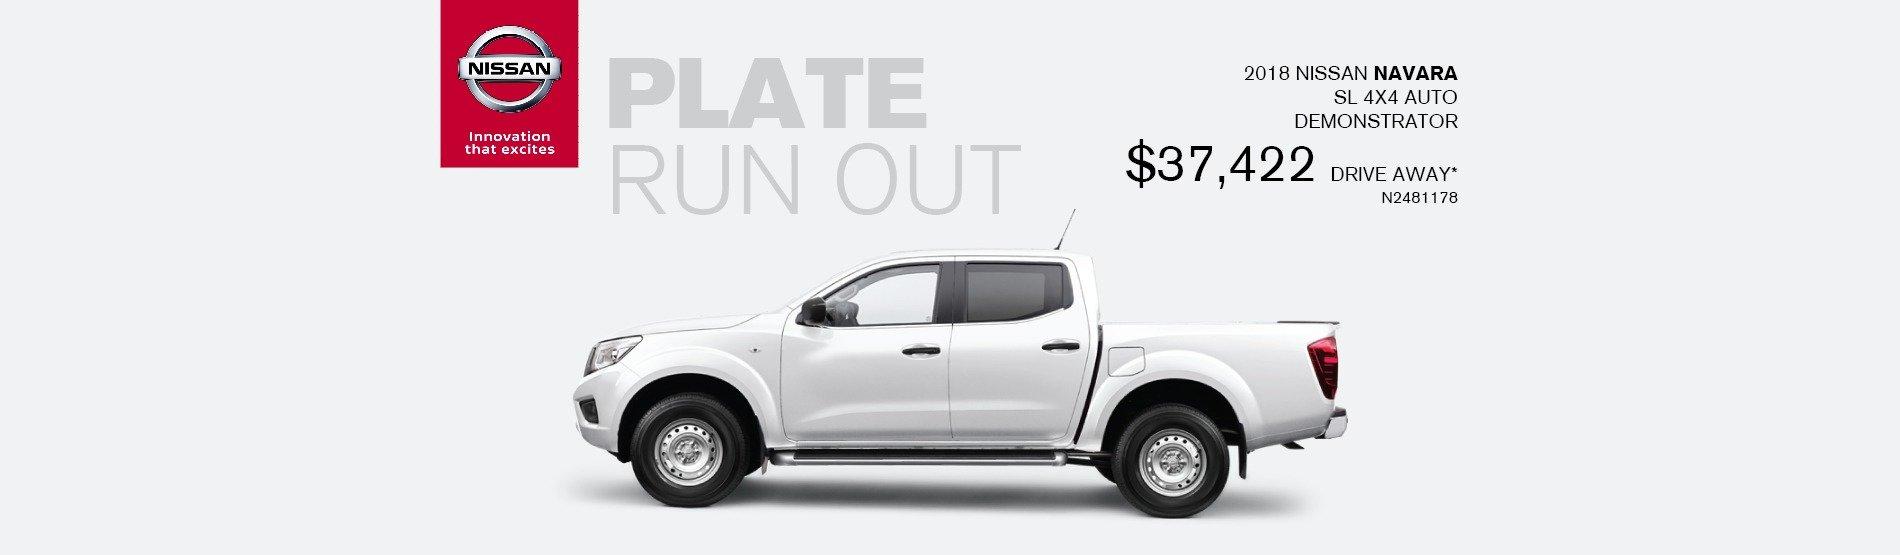 Maitland Nissan Plate Clearance